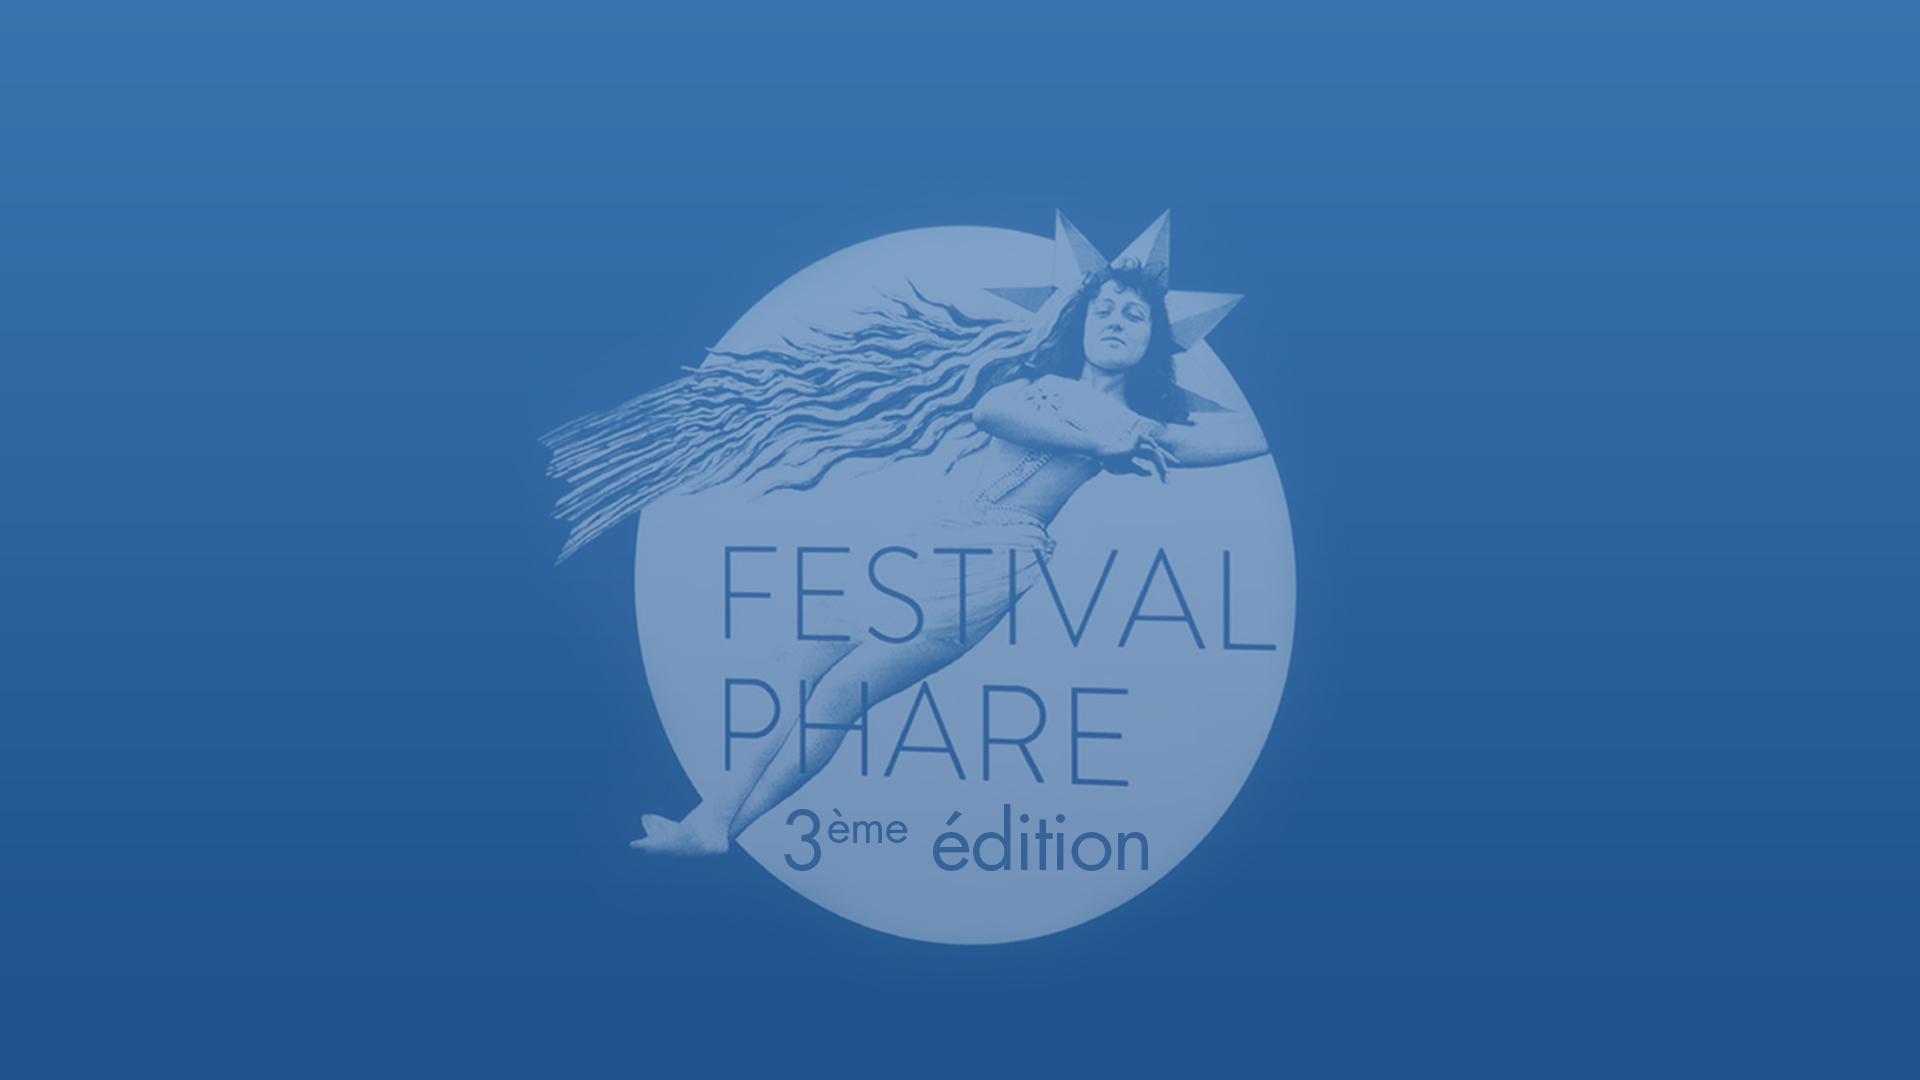 festival-3eme-edition-slide-4